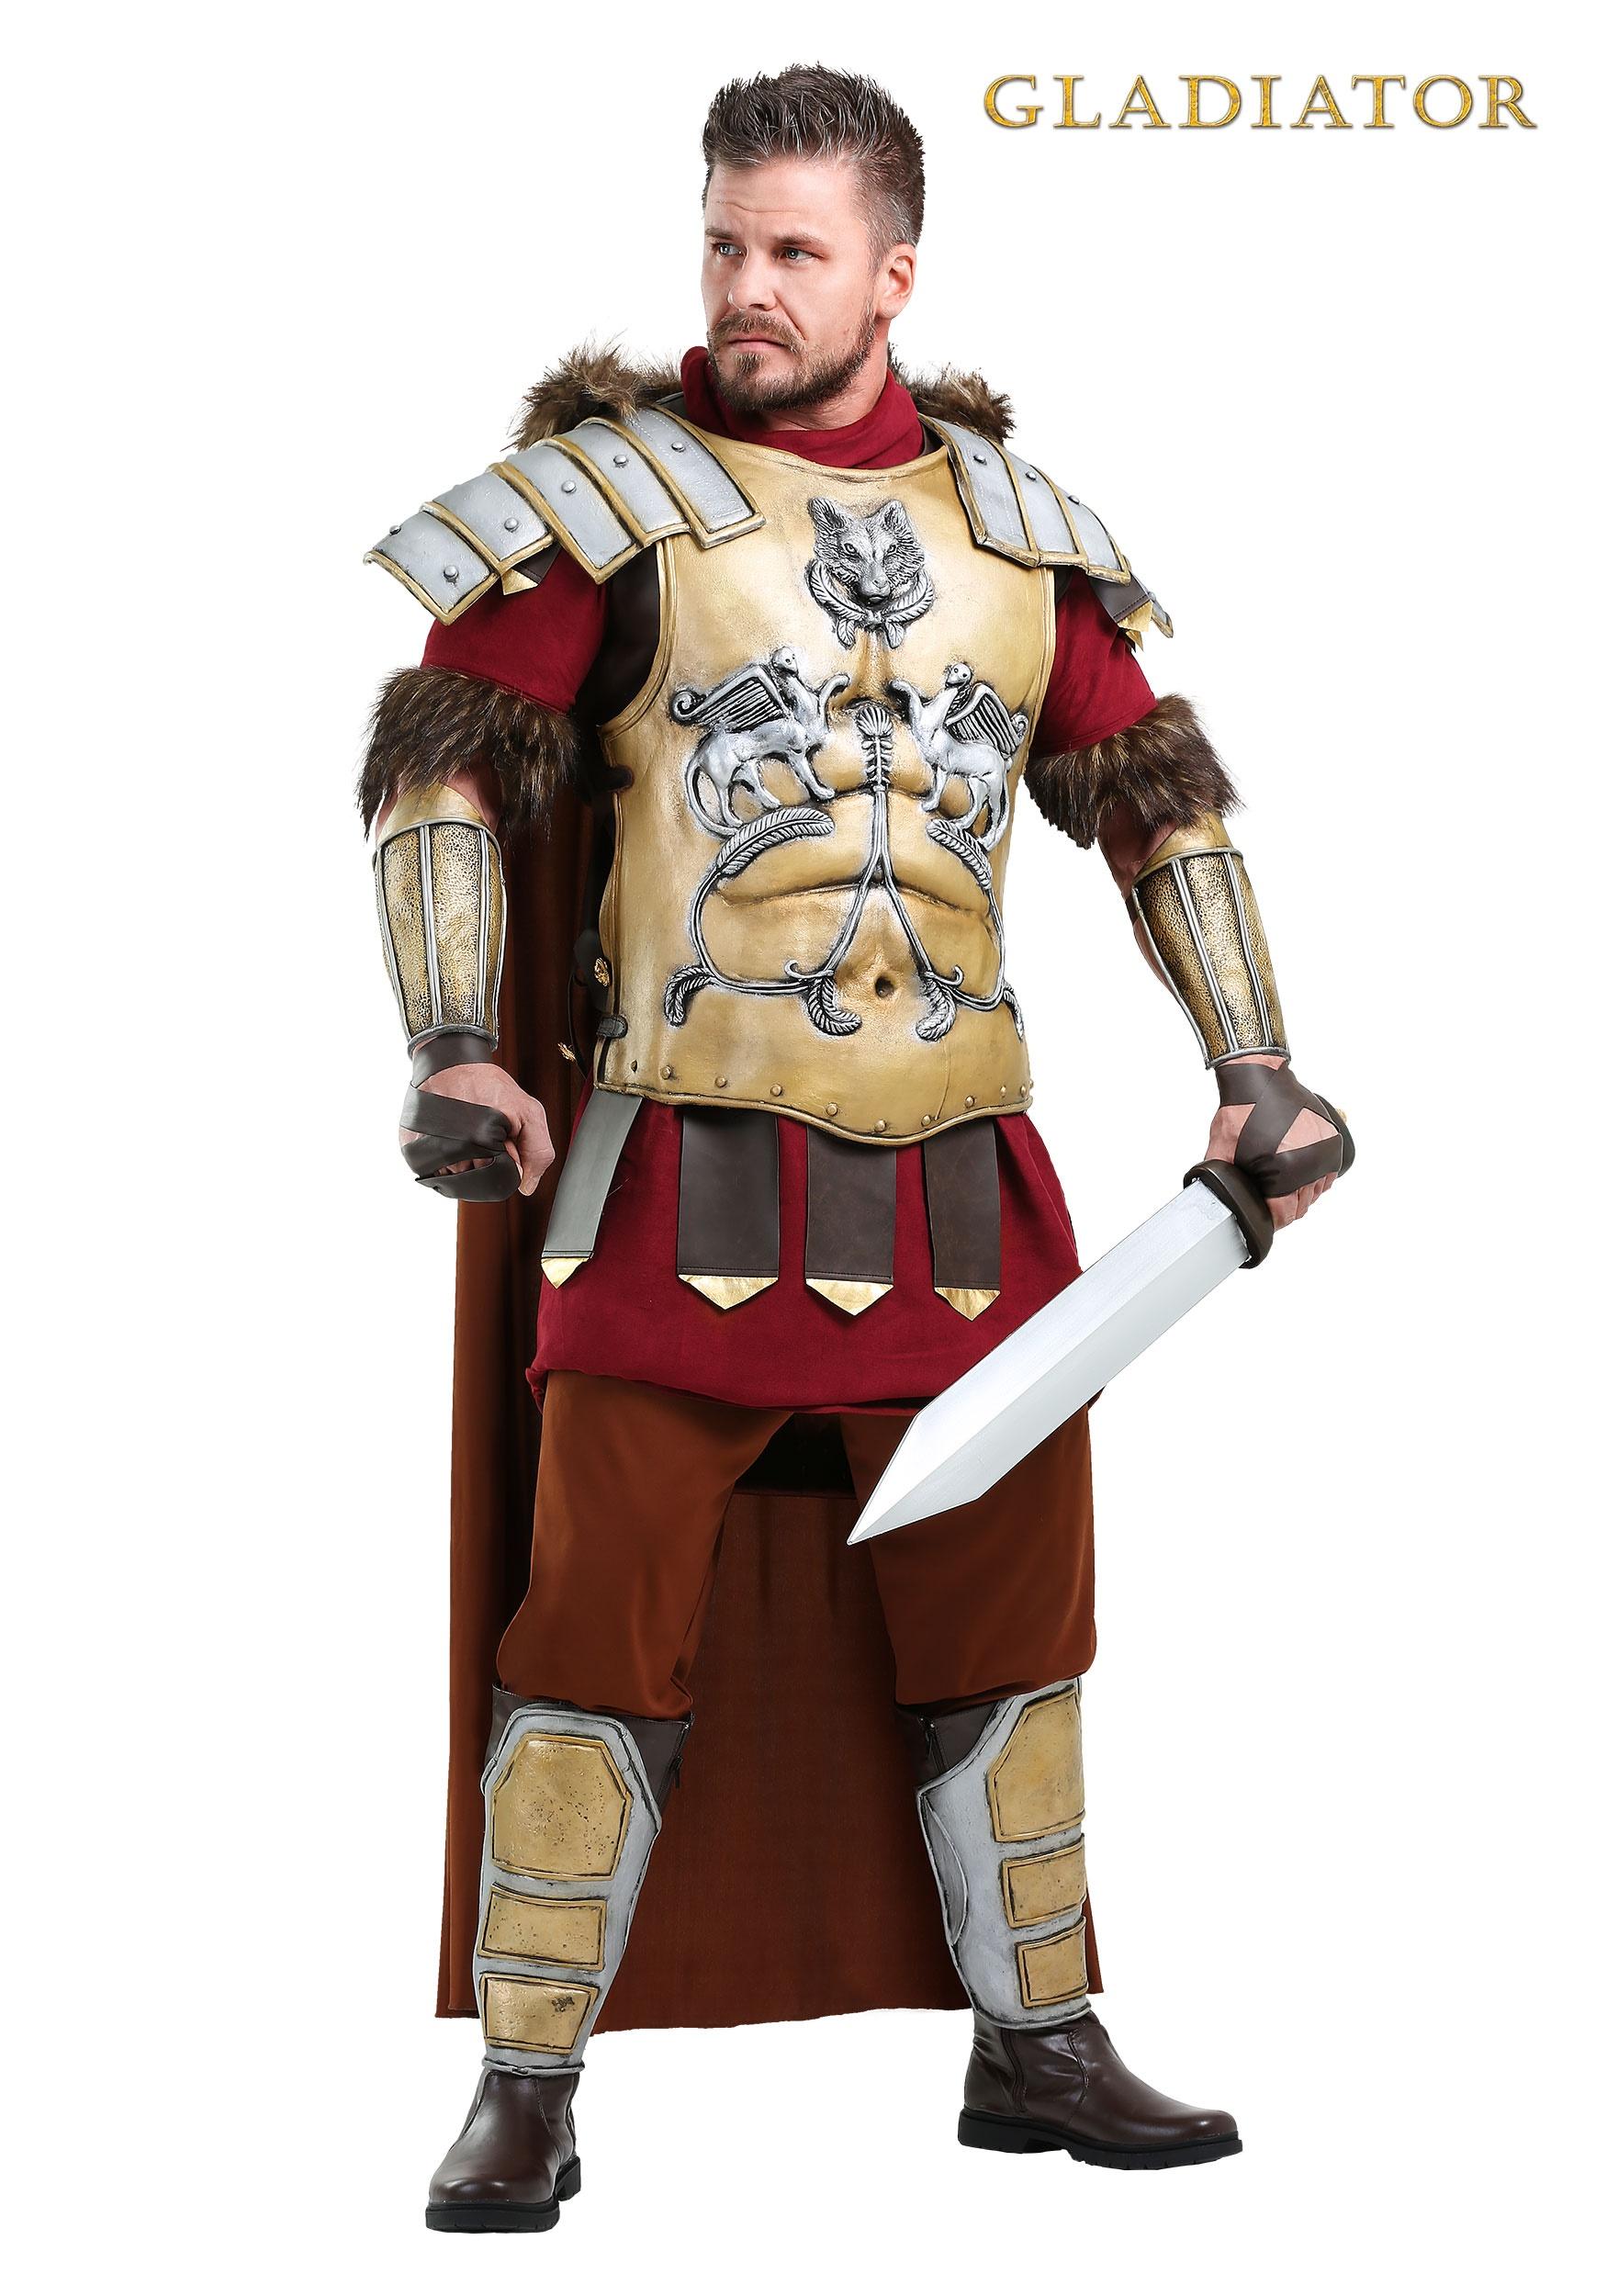 Gladiator General Maximus Mens Costume  sc 1 st  Halloween Costumes & Gladiator General Maximus Costume for Men